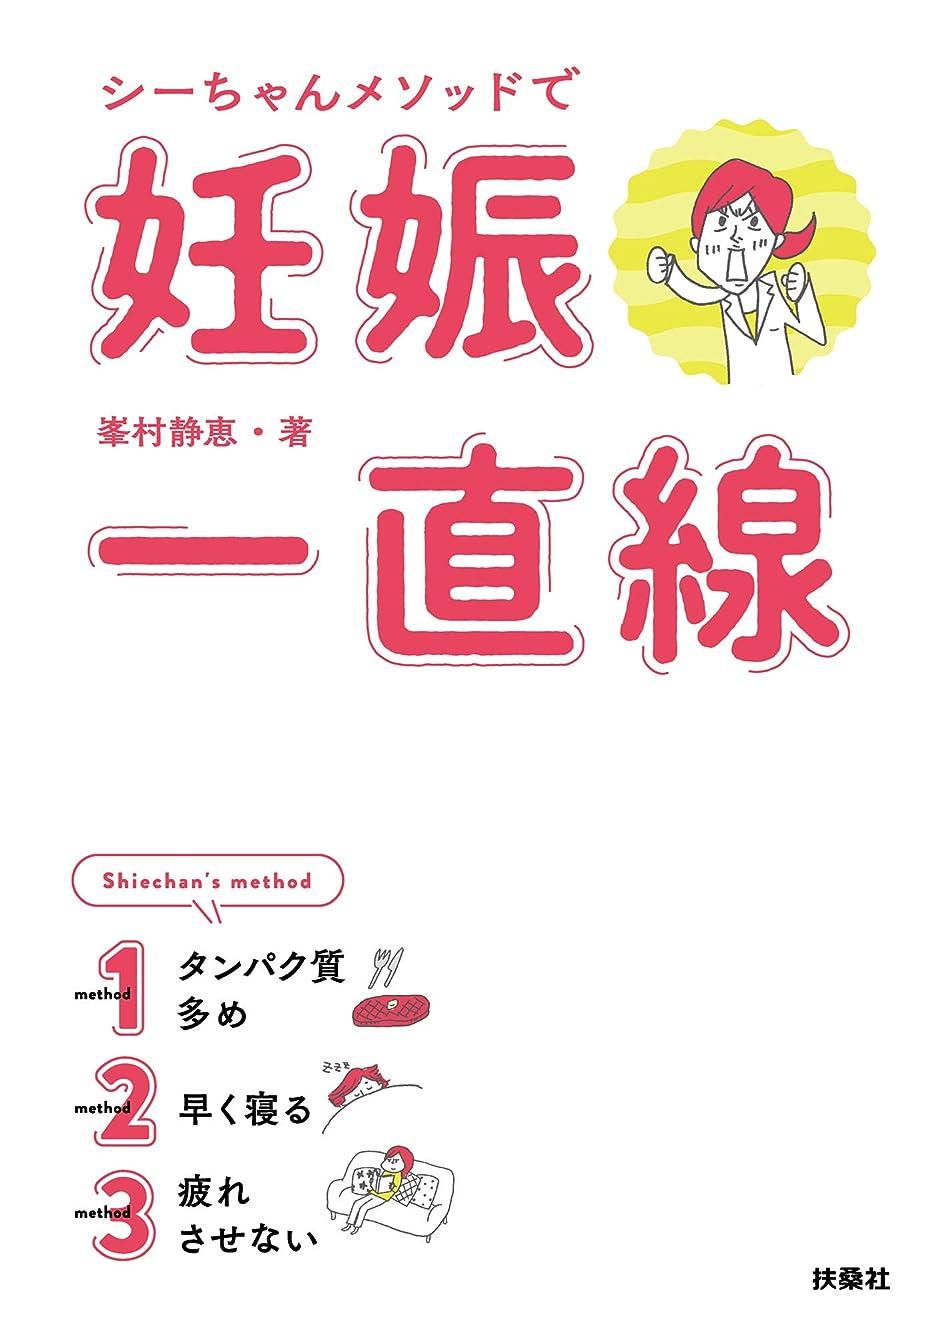 チーズプレゼント区シーちゃんメソッドで妊娠一直線 (扶桑社BOOKS)